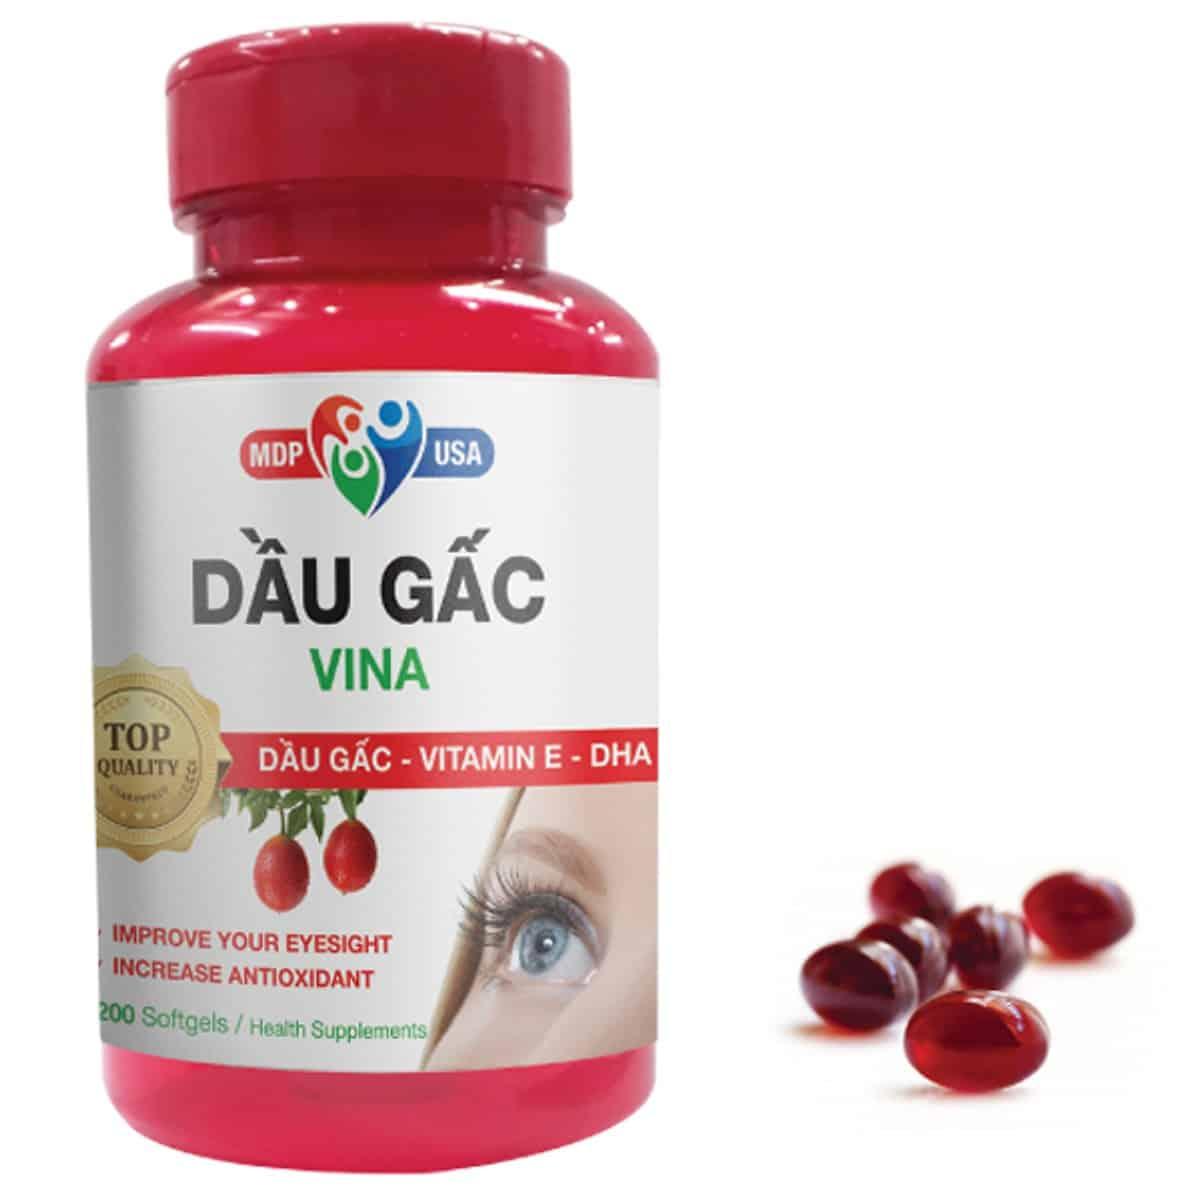 Thuốc bổ mắt bổ sung dầu gấc Vina Softgels MDP